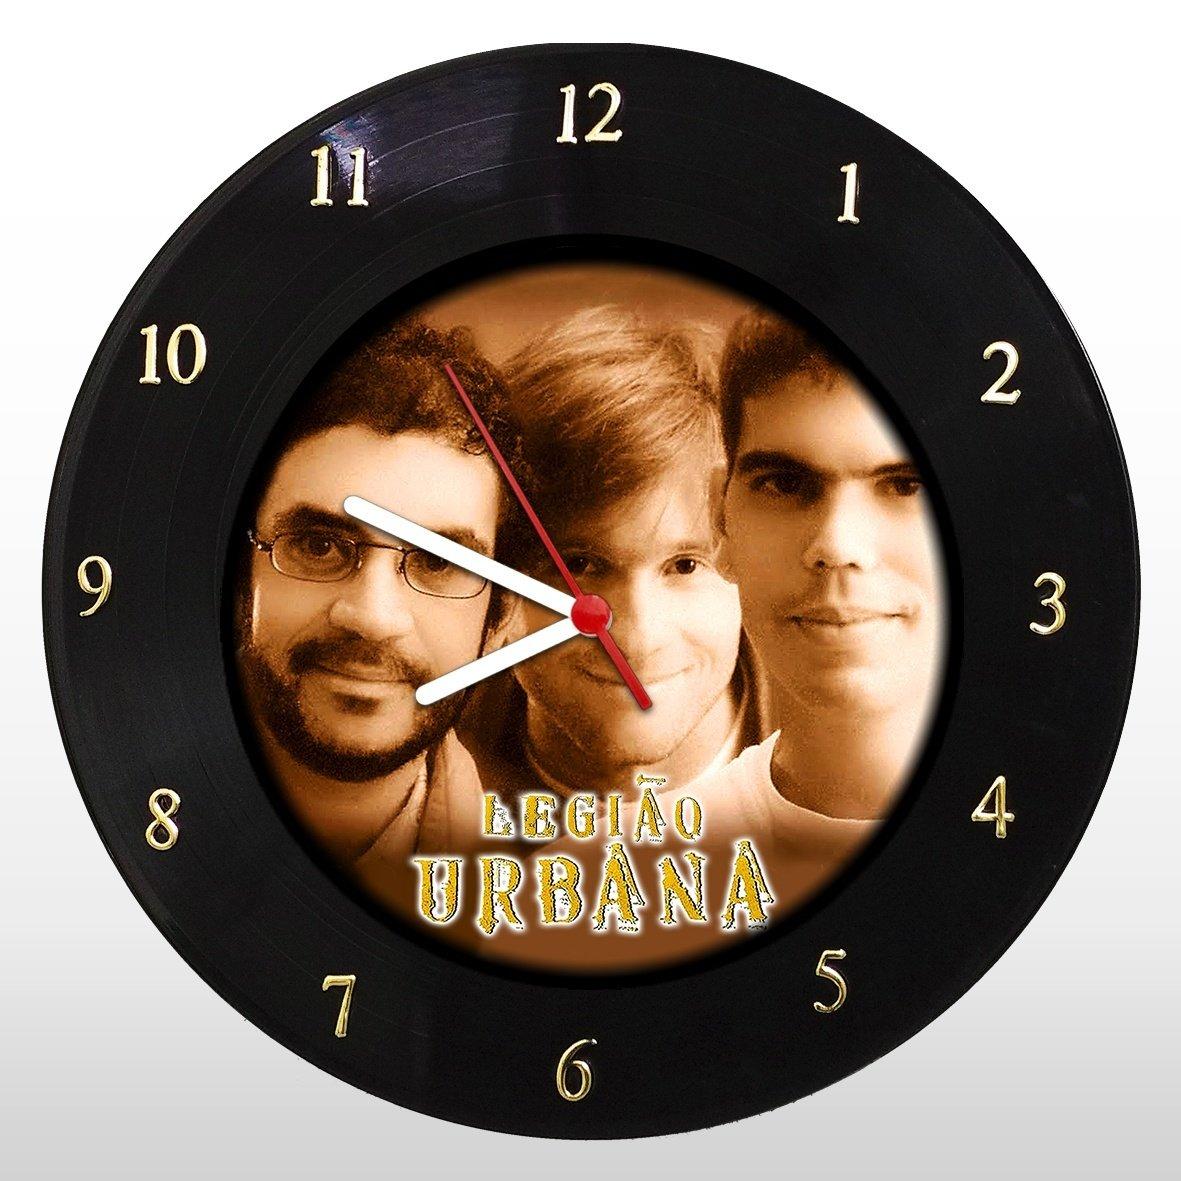 Legião Urbana - Relógio de Parede em Disco de Vinil - Mr. Rock